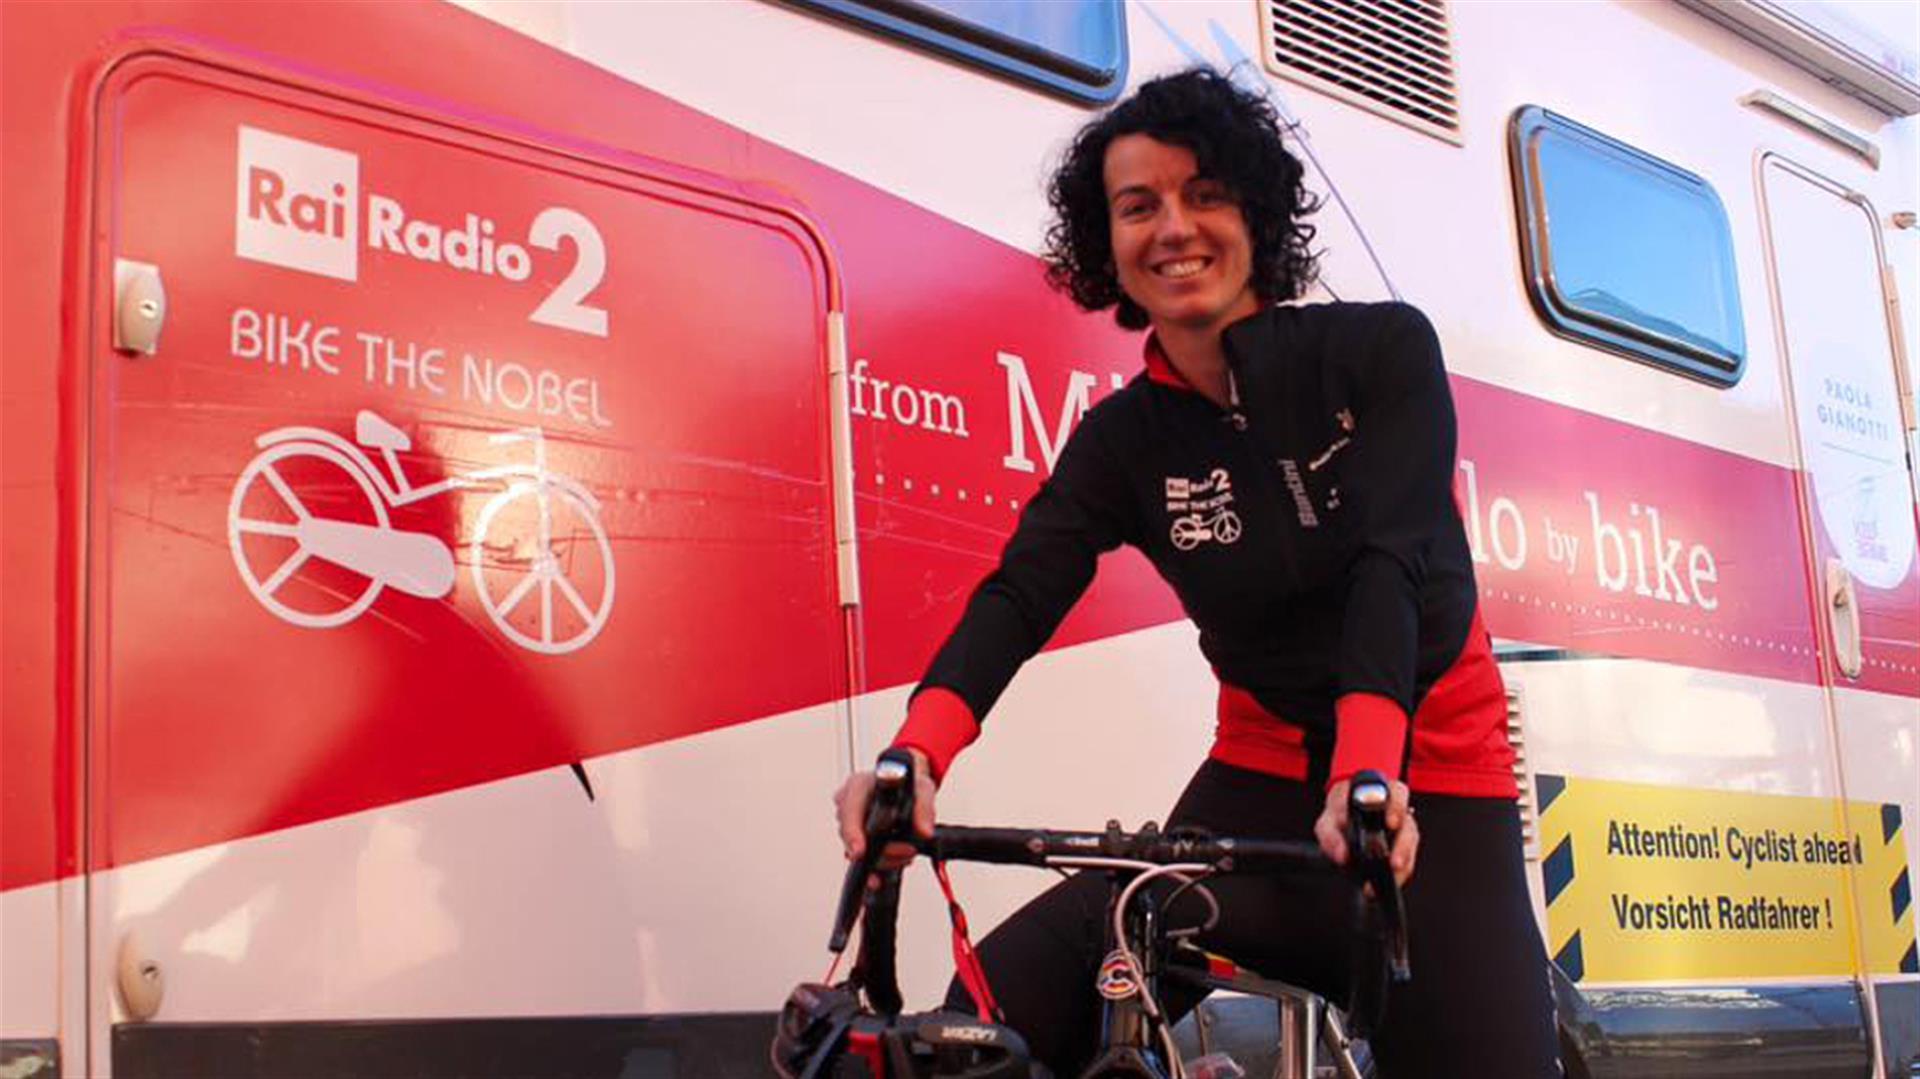 'Bike the Nobel' per le donne afghane